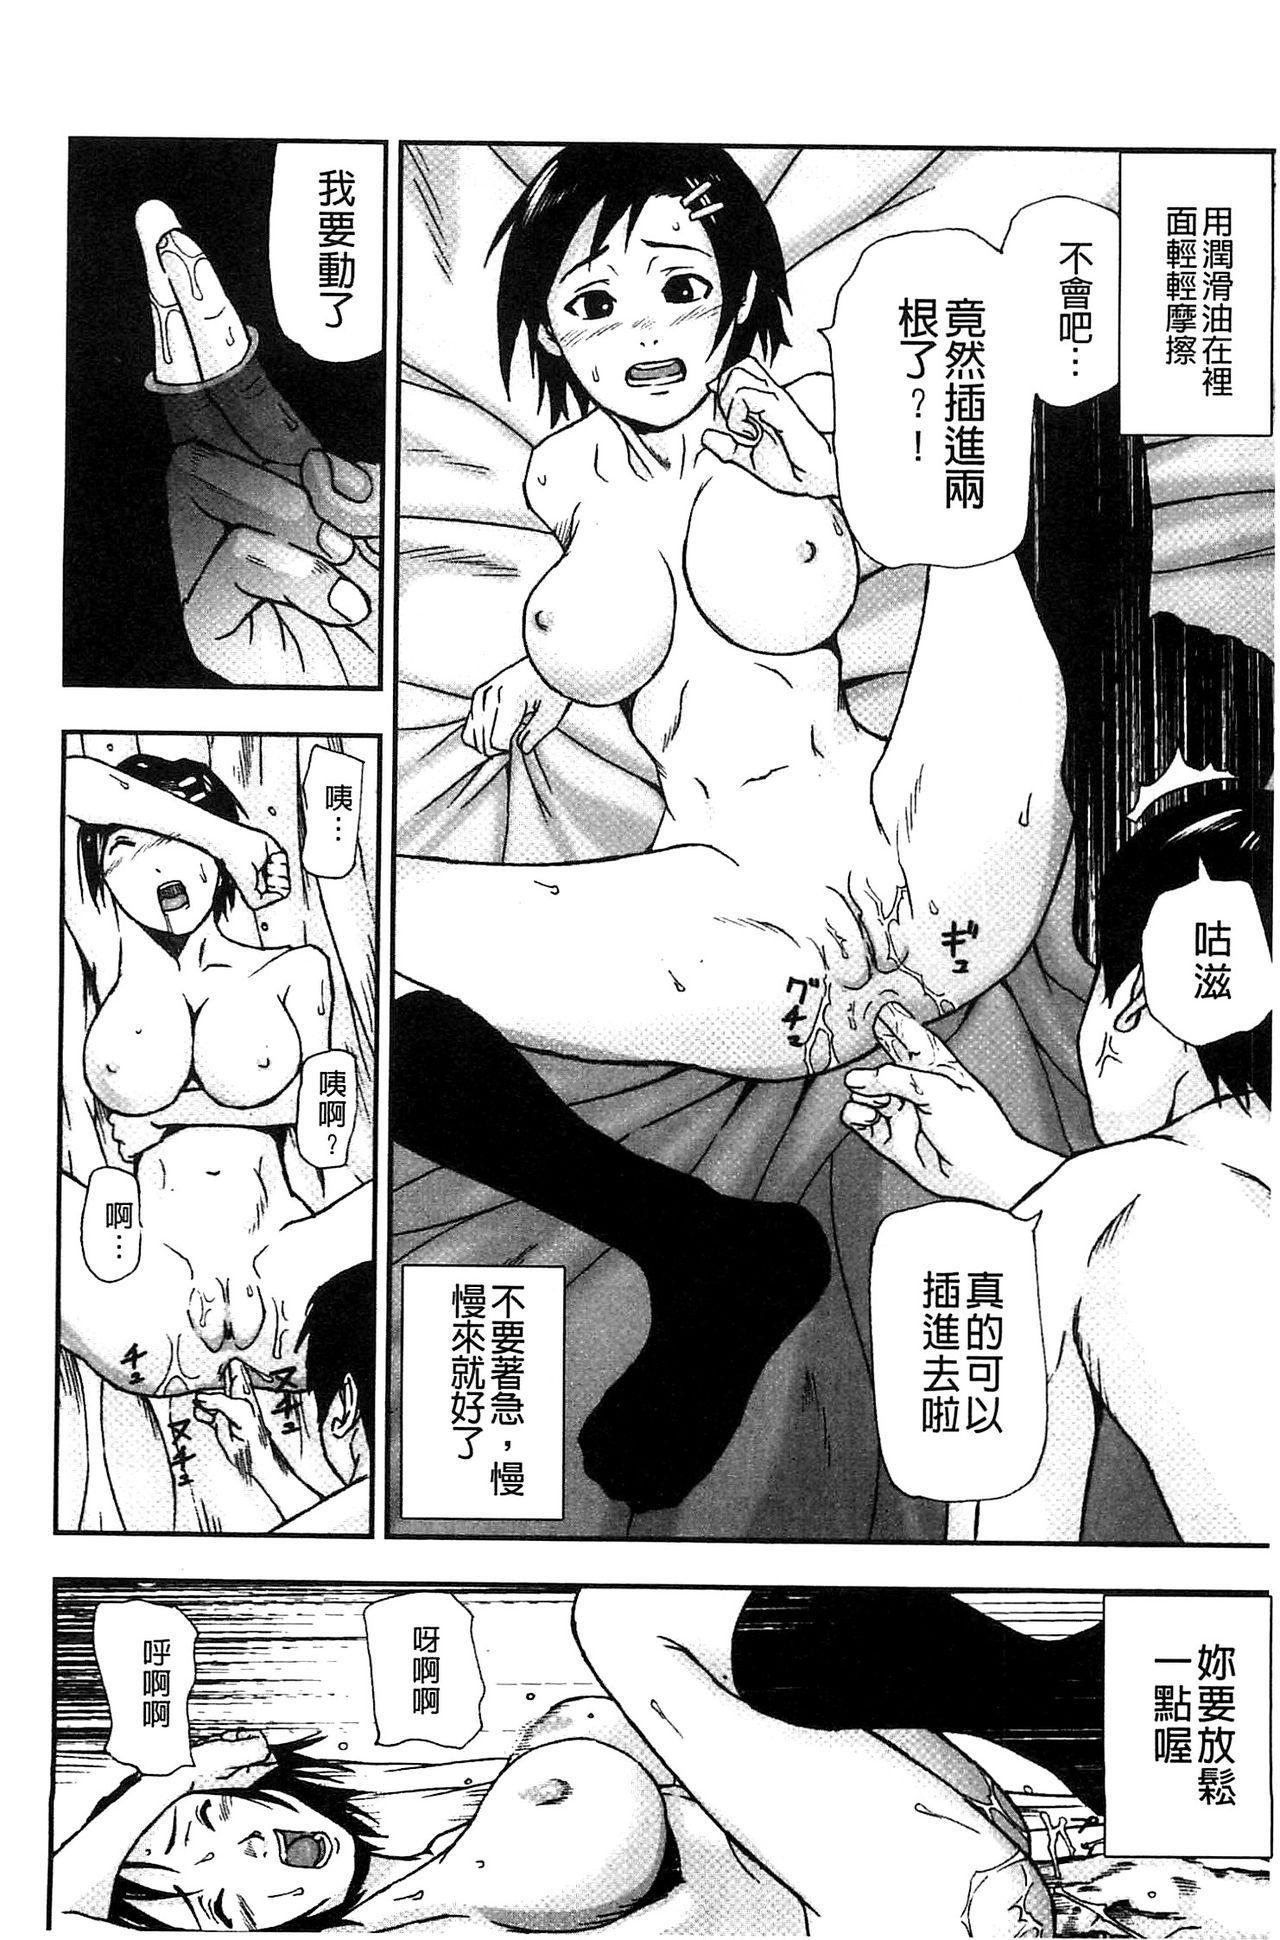 Koijirushi Love Milk | 戀印愛慾鮮乳 47